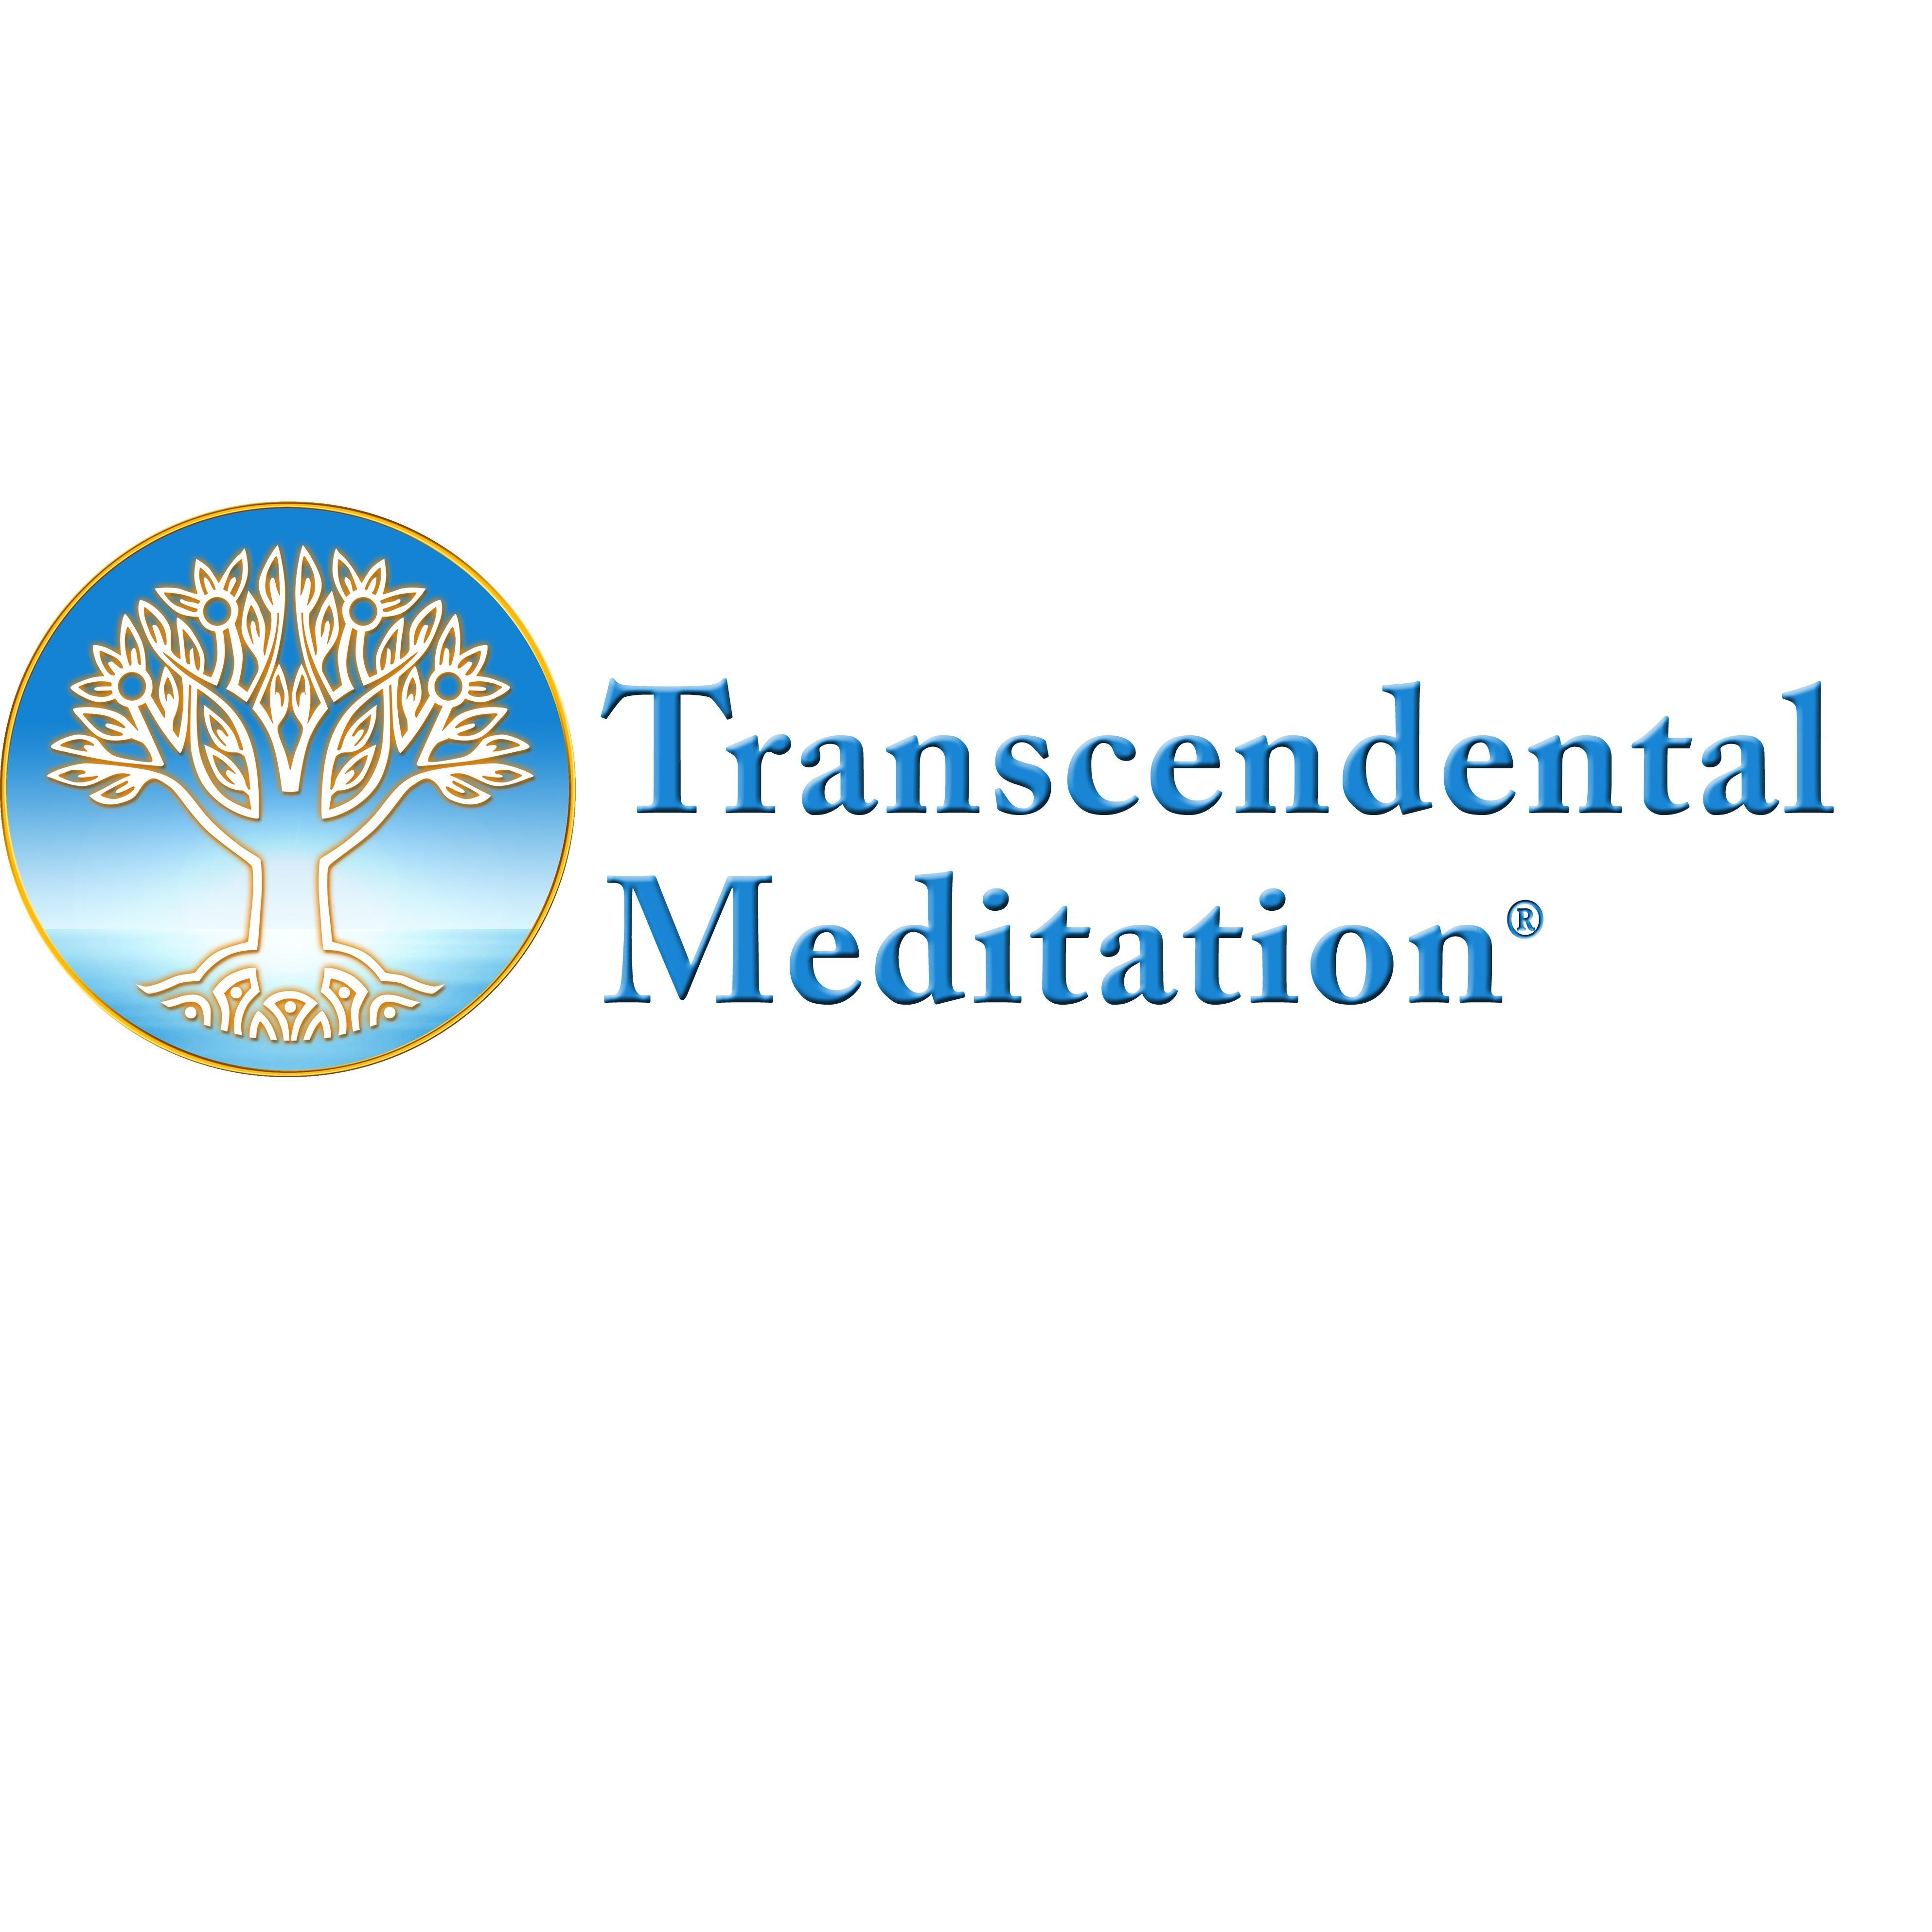 Pensacola Transcendental Meditation Center - Pensacola, FL 32507 - (575)430-0214 | ShowMeLocal.com